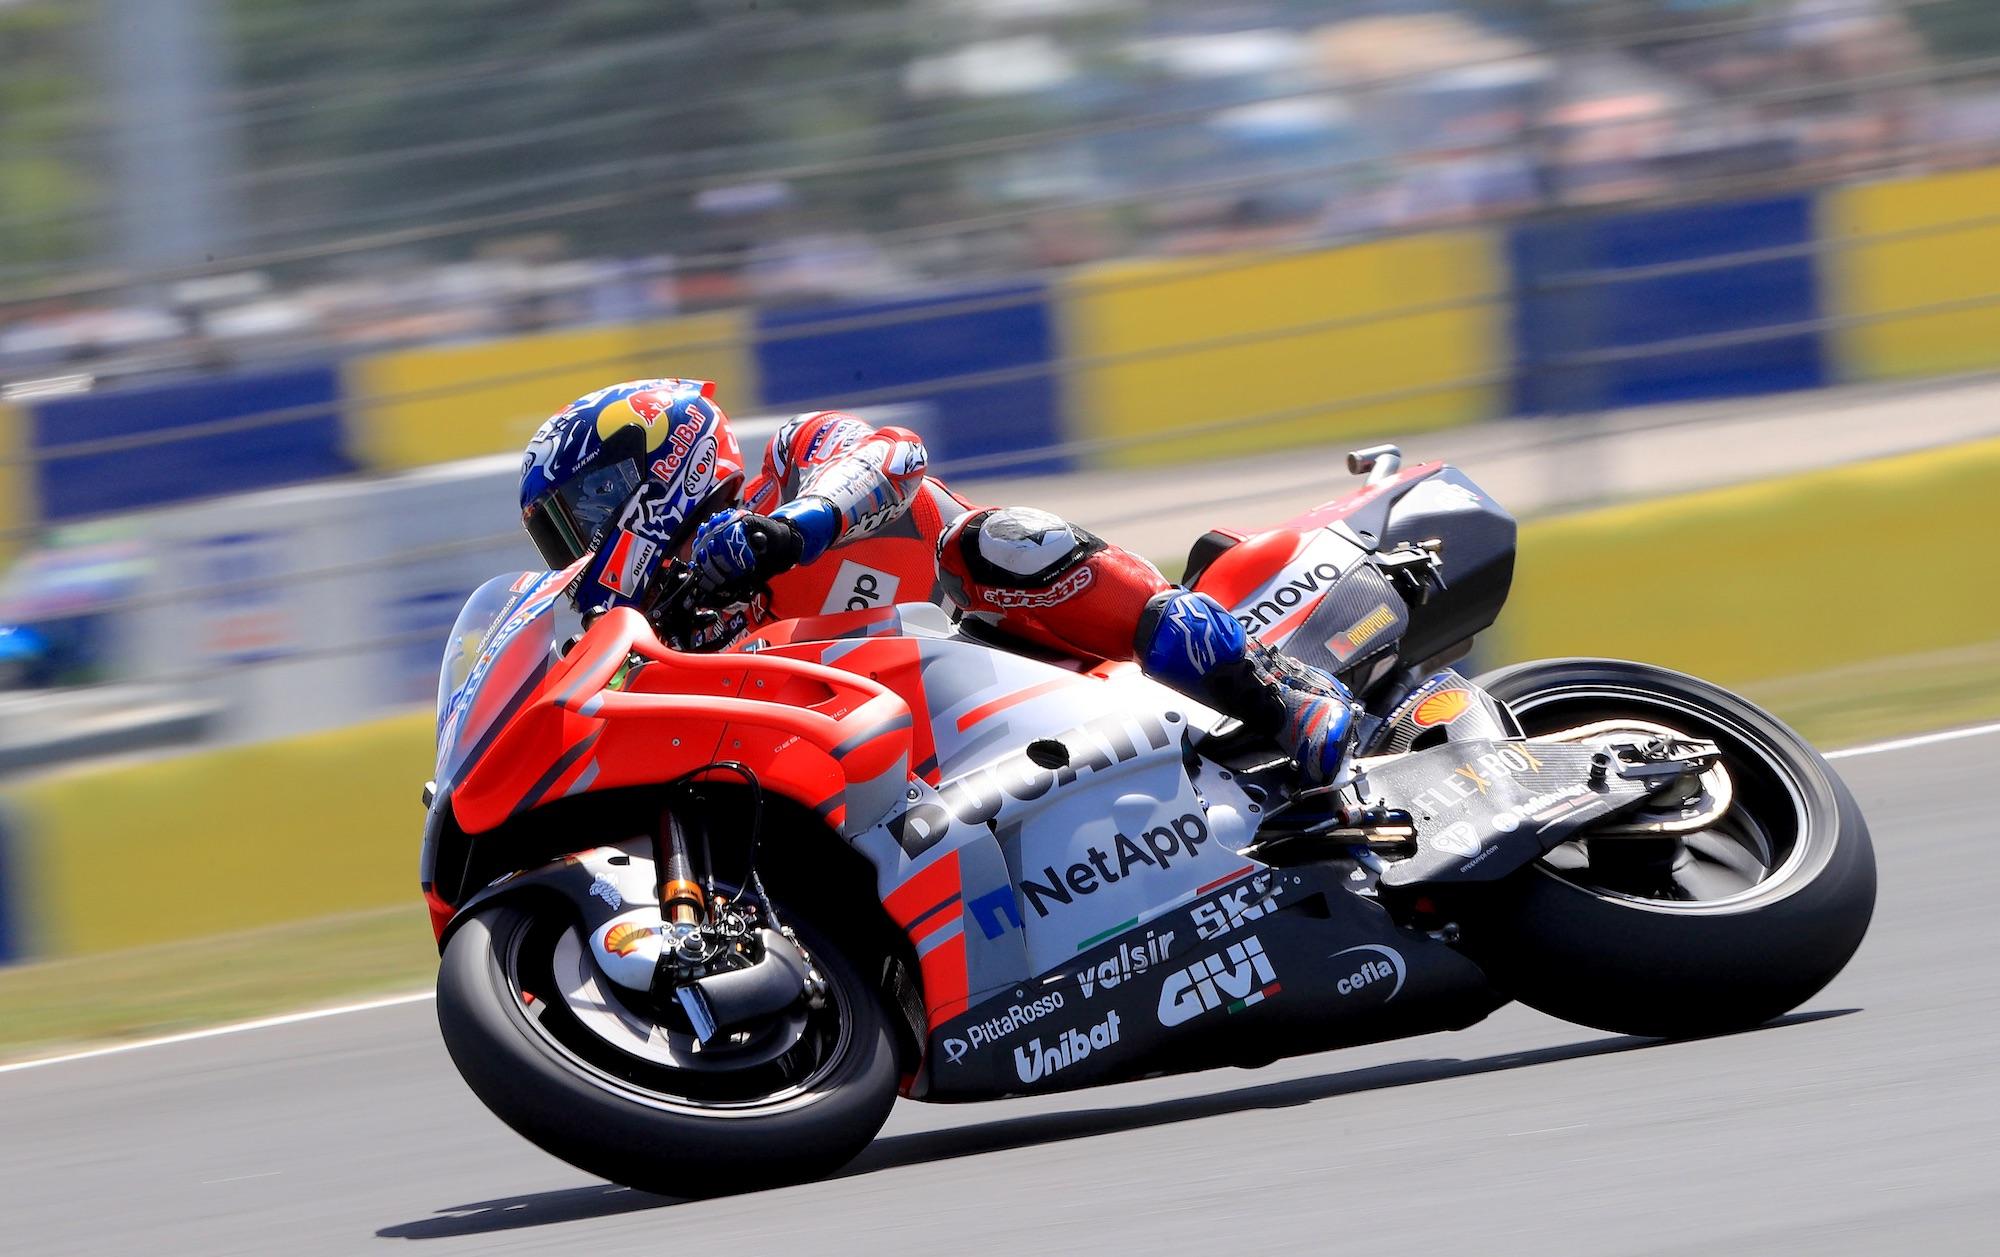 Con su nuevo contrato, Andrea Dovizioso marca el récord de MotoGP en Le Mans